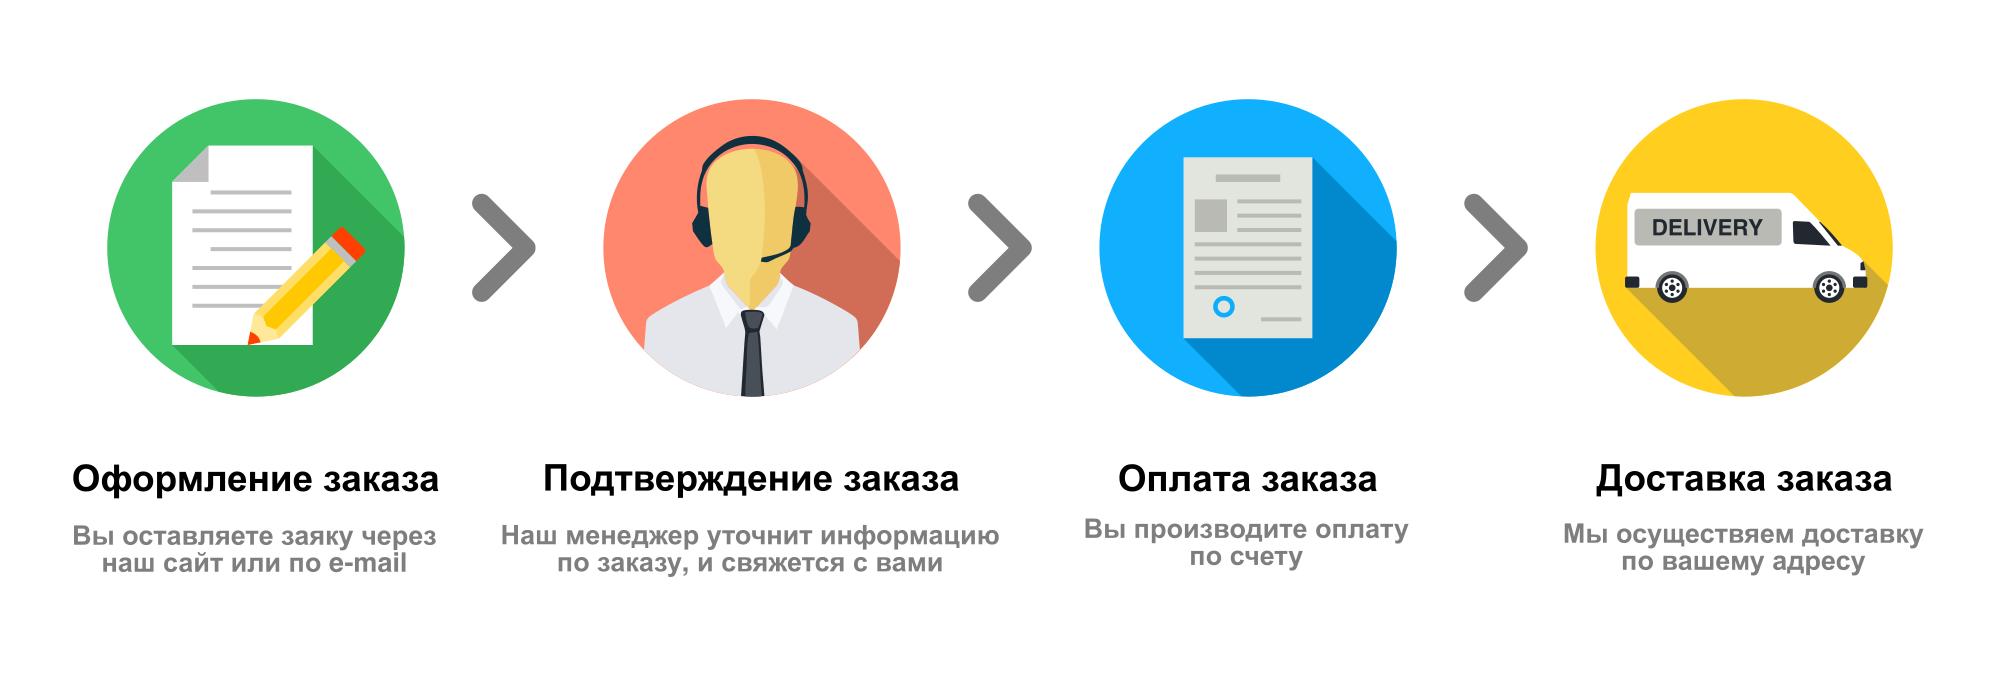 Етапи запуску інтернет-магазину на базі SEO-магазину